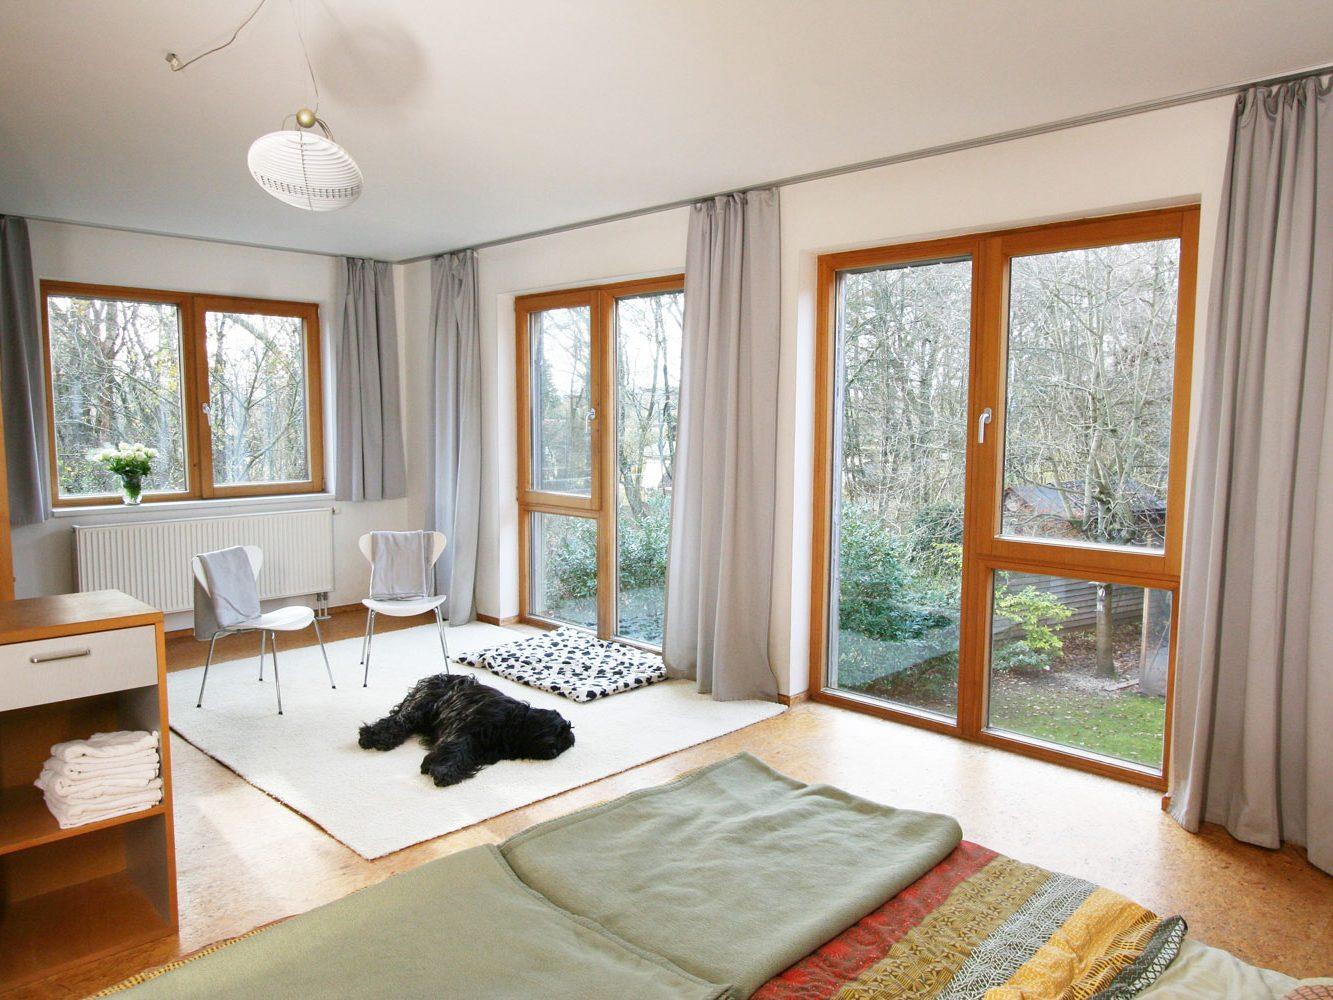 Der Blog für Innenarchitektur und Unternehmensgestaltung in München